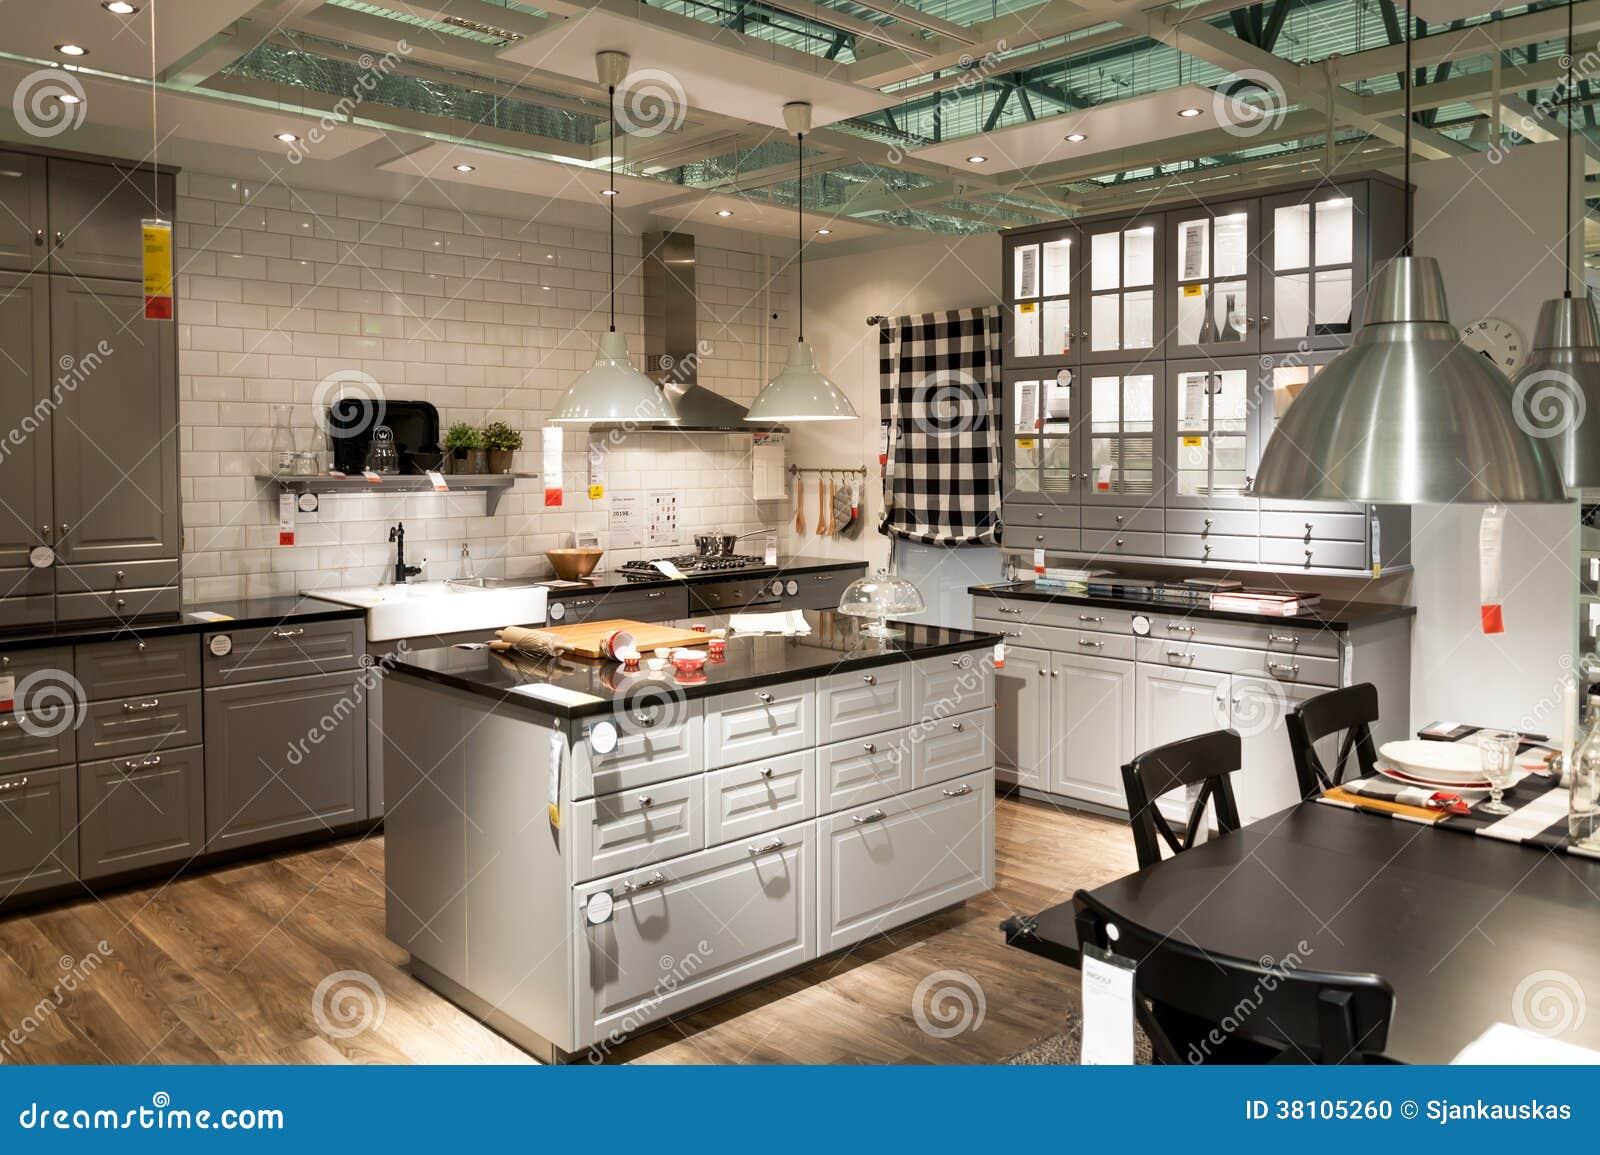 Cuisine dans le magasin de meubles ikea image ditorial for Cuisine de a a z